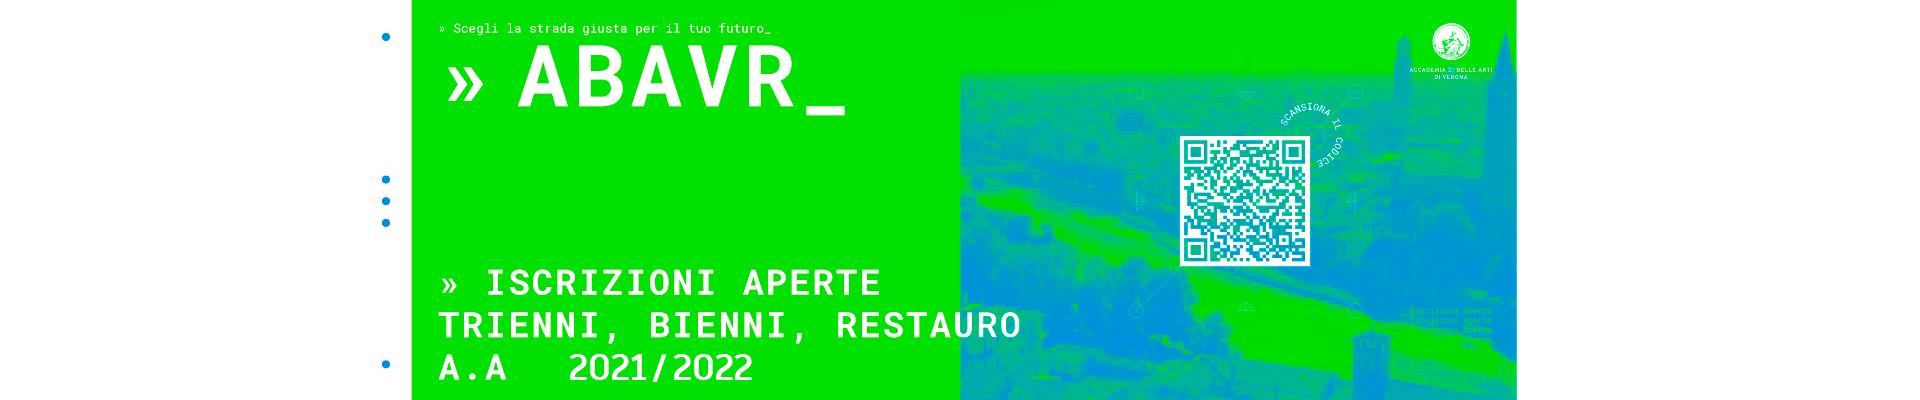 iscrizioni_aperte_banner2021-2022